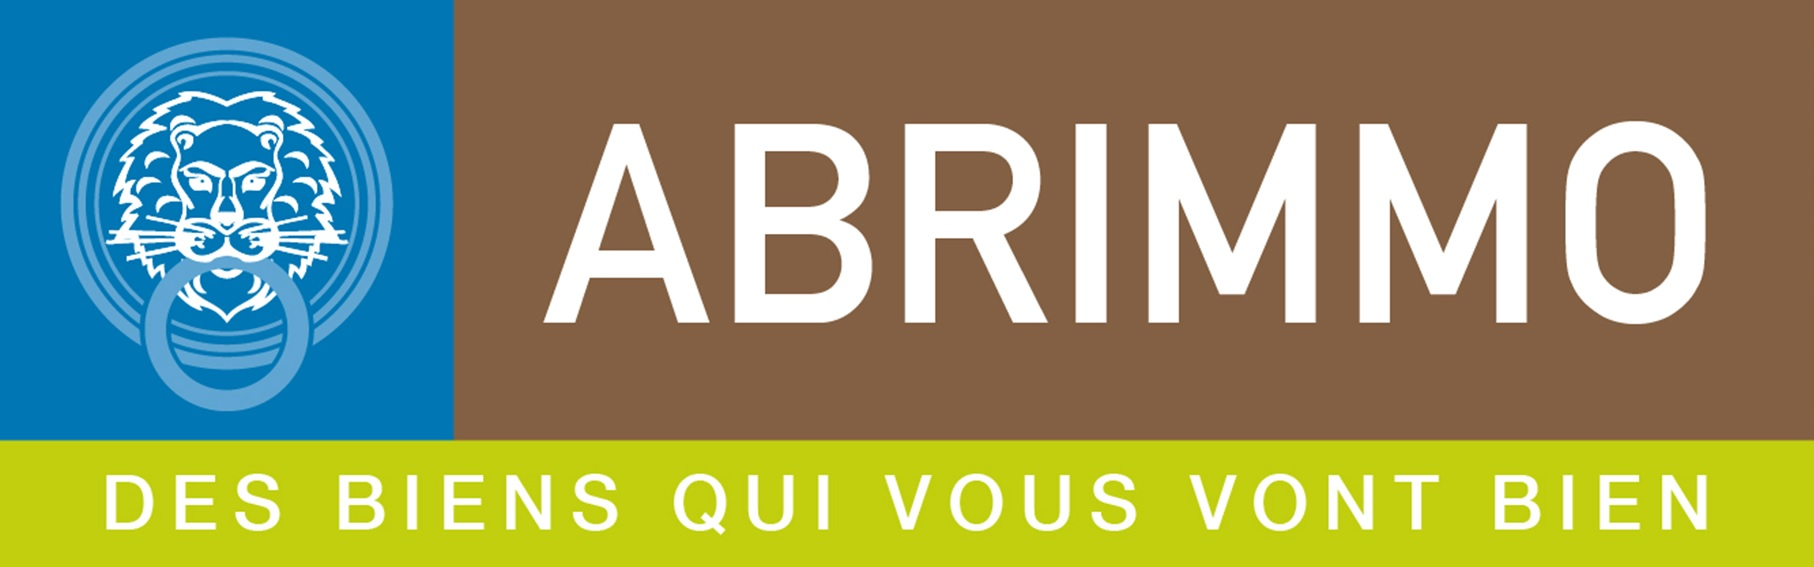 ABRIMMO LA BASSEE agence immobilière La Bassée (59480)